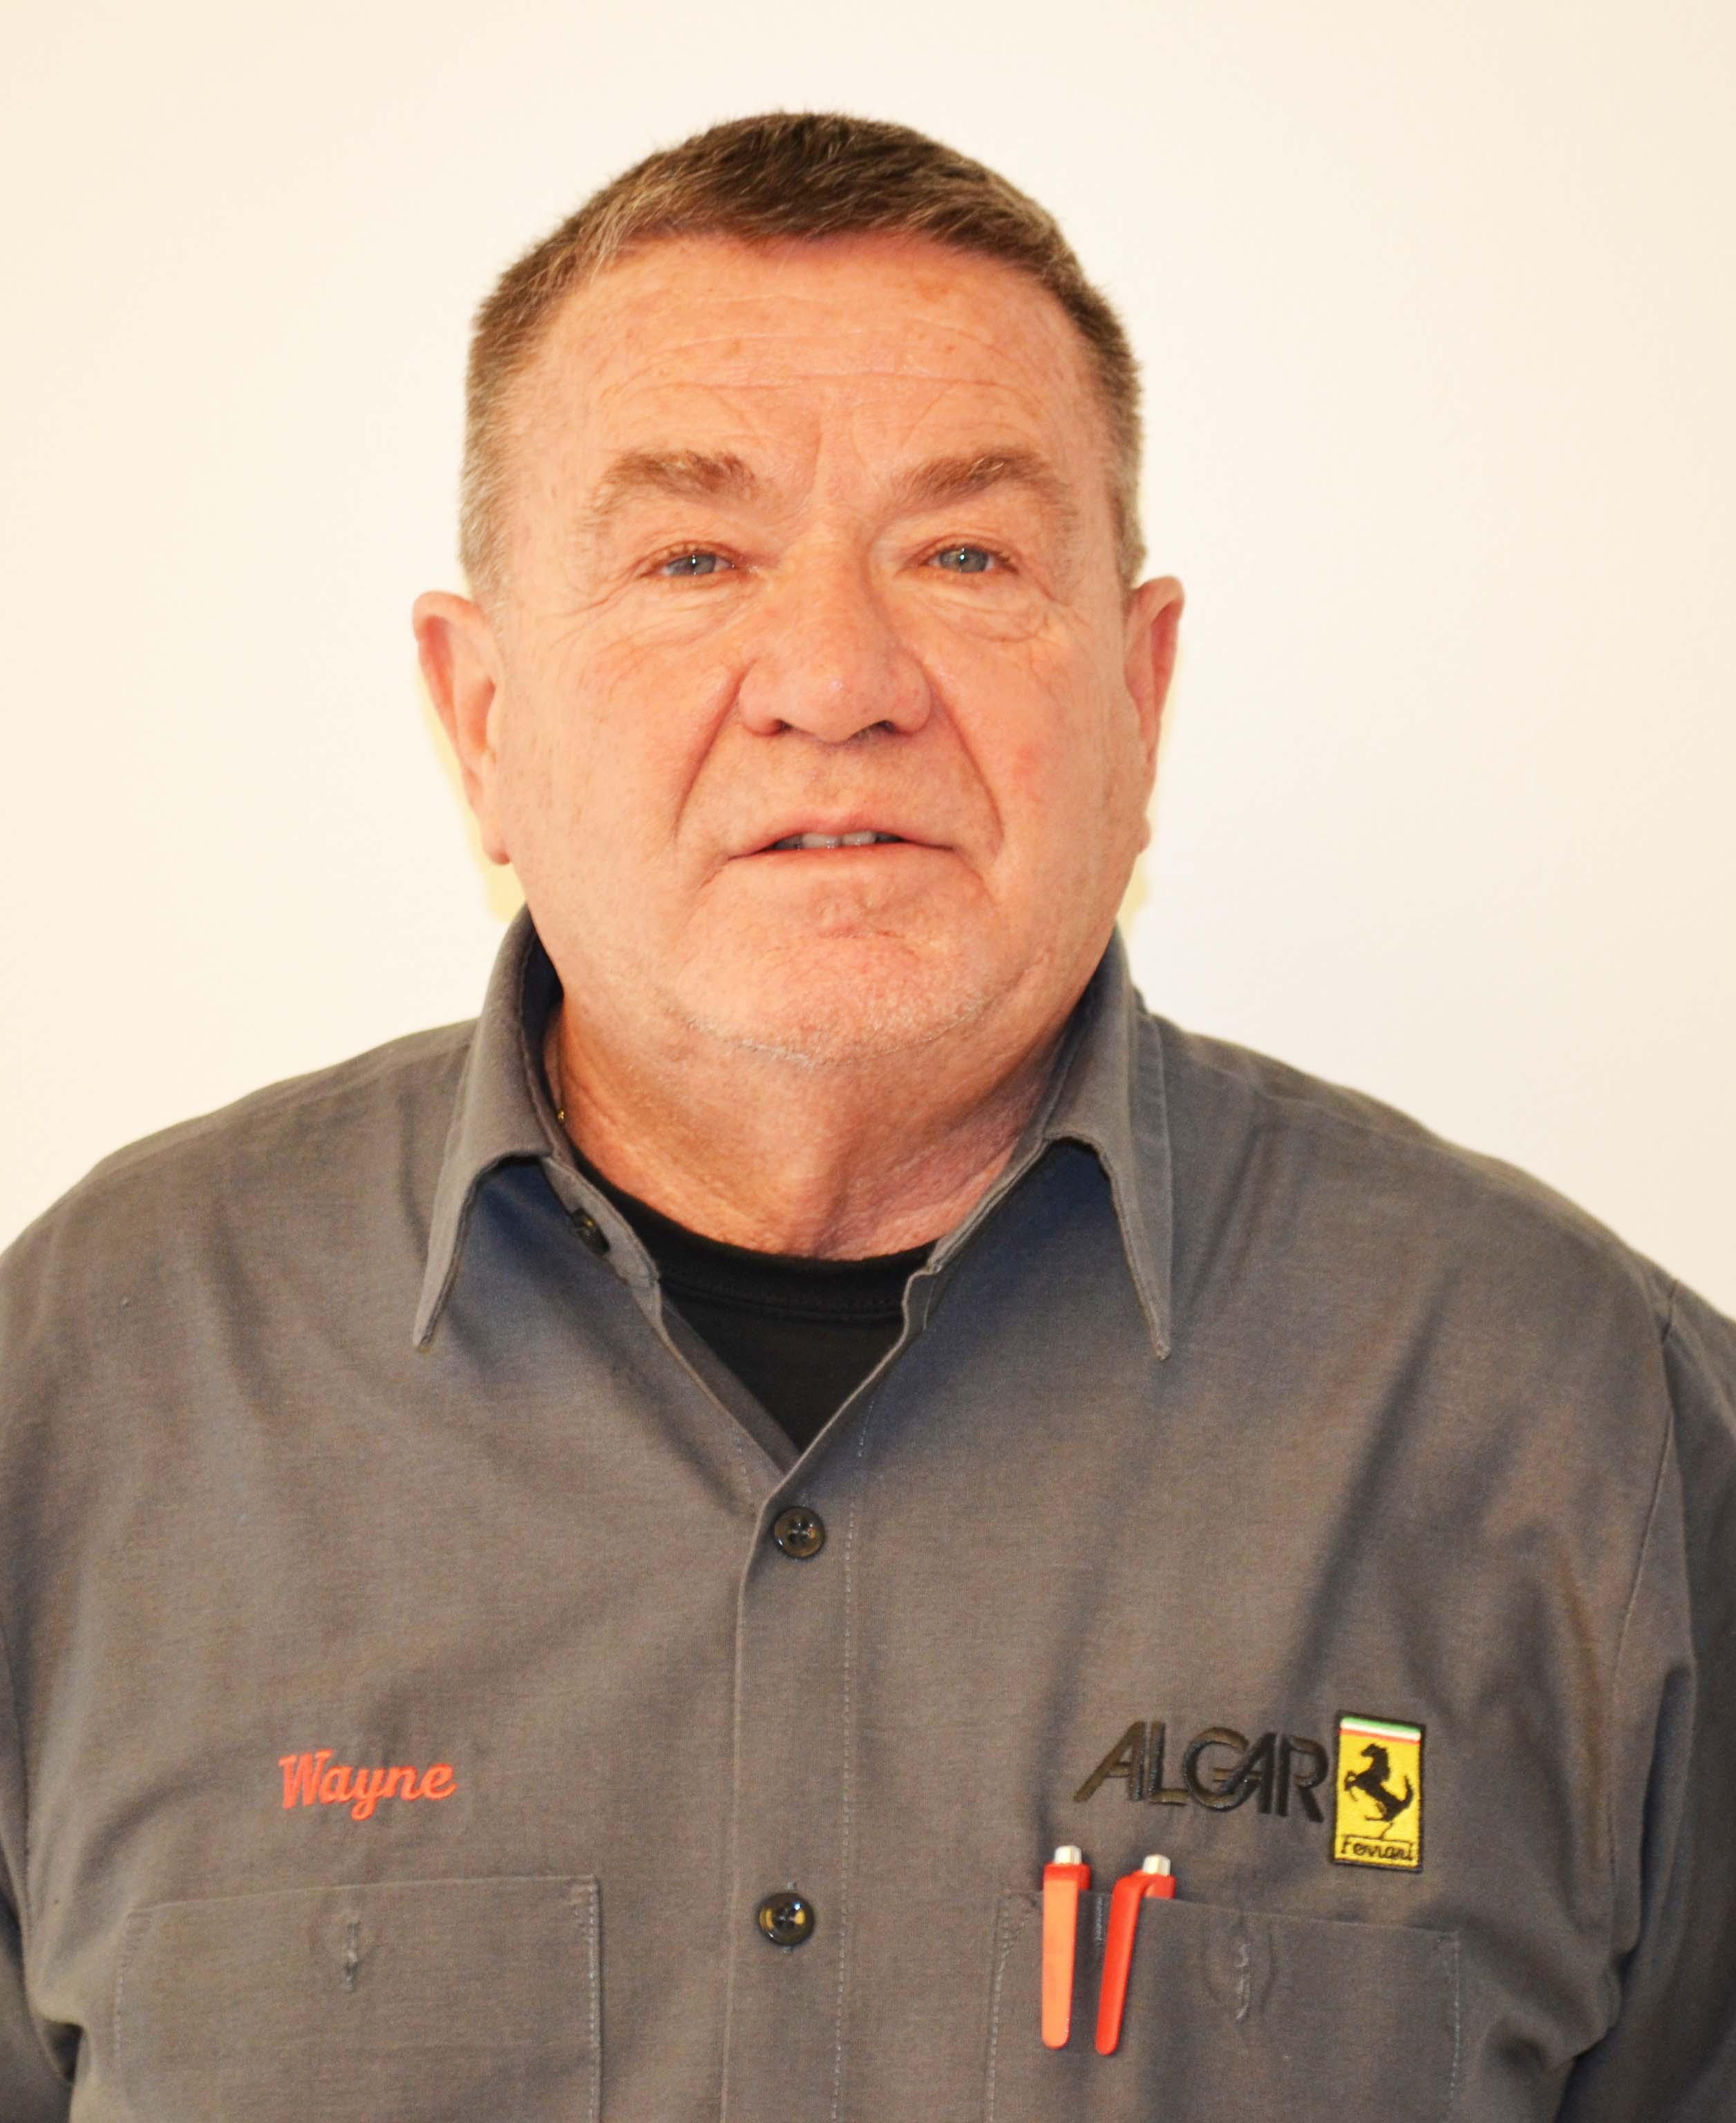 Wayne Price